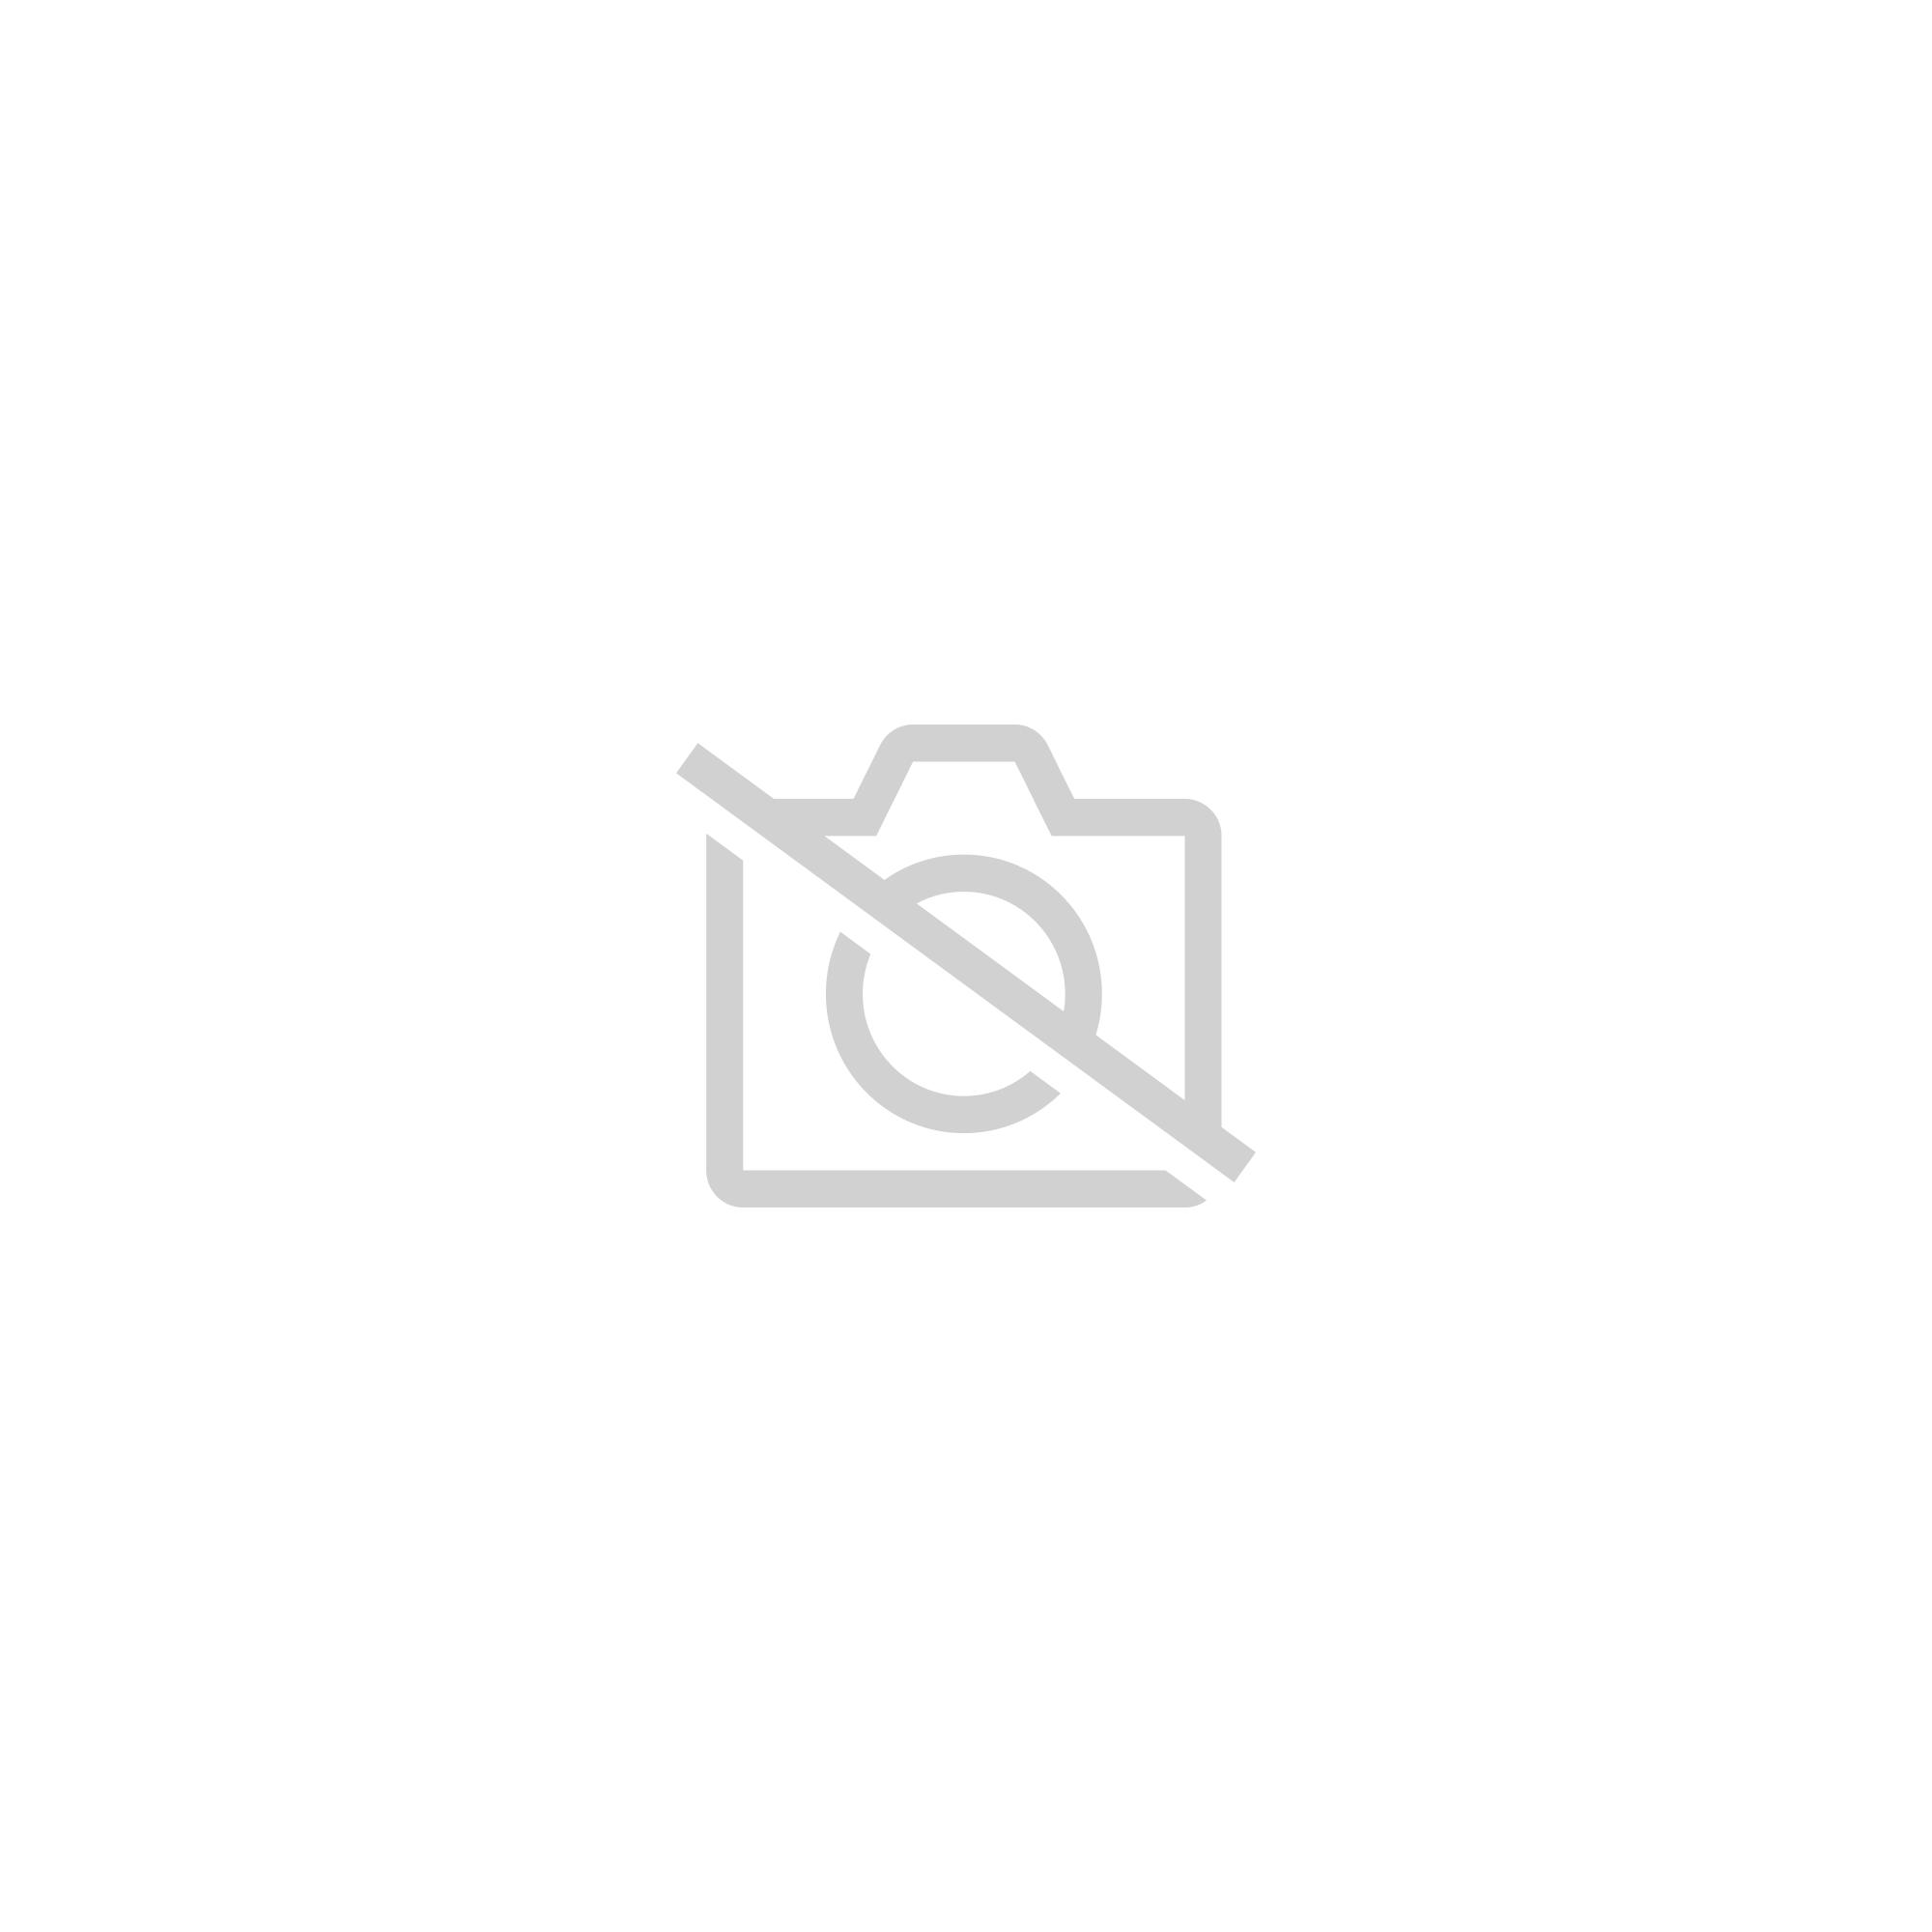 Bracelet De Montre Bracelet À Quartz Analogique Ronde En Acier Inoxydable Pour Hommes #5